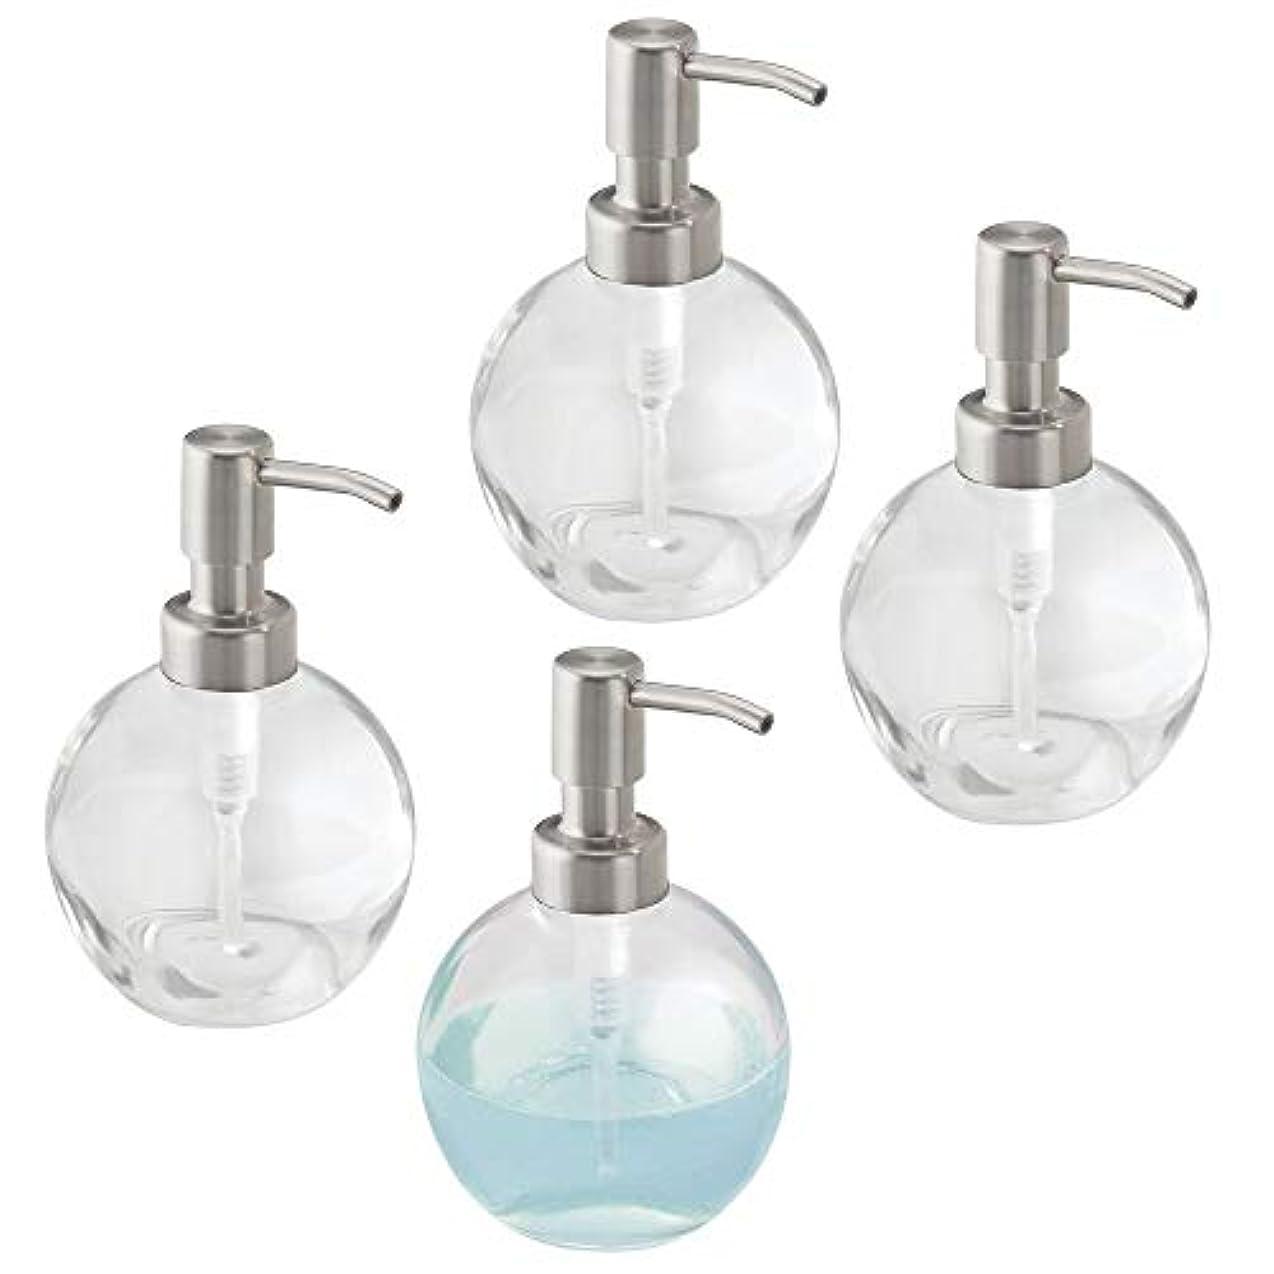 従事する検証組み立てるmDesign Liquid Hand Soapガラスディスペンサーポンプボトルのキッチン、バスルーム|もCan Be Used For Hand Lotion & Essential Oils – 4のパック、ラウンド...